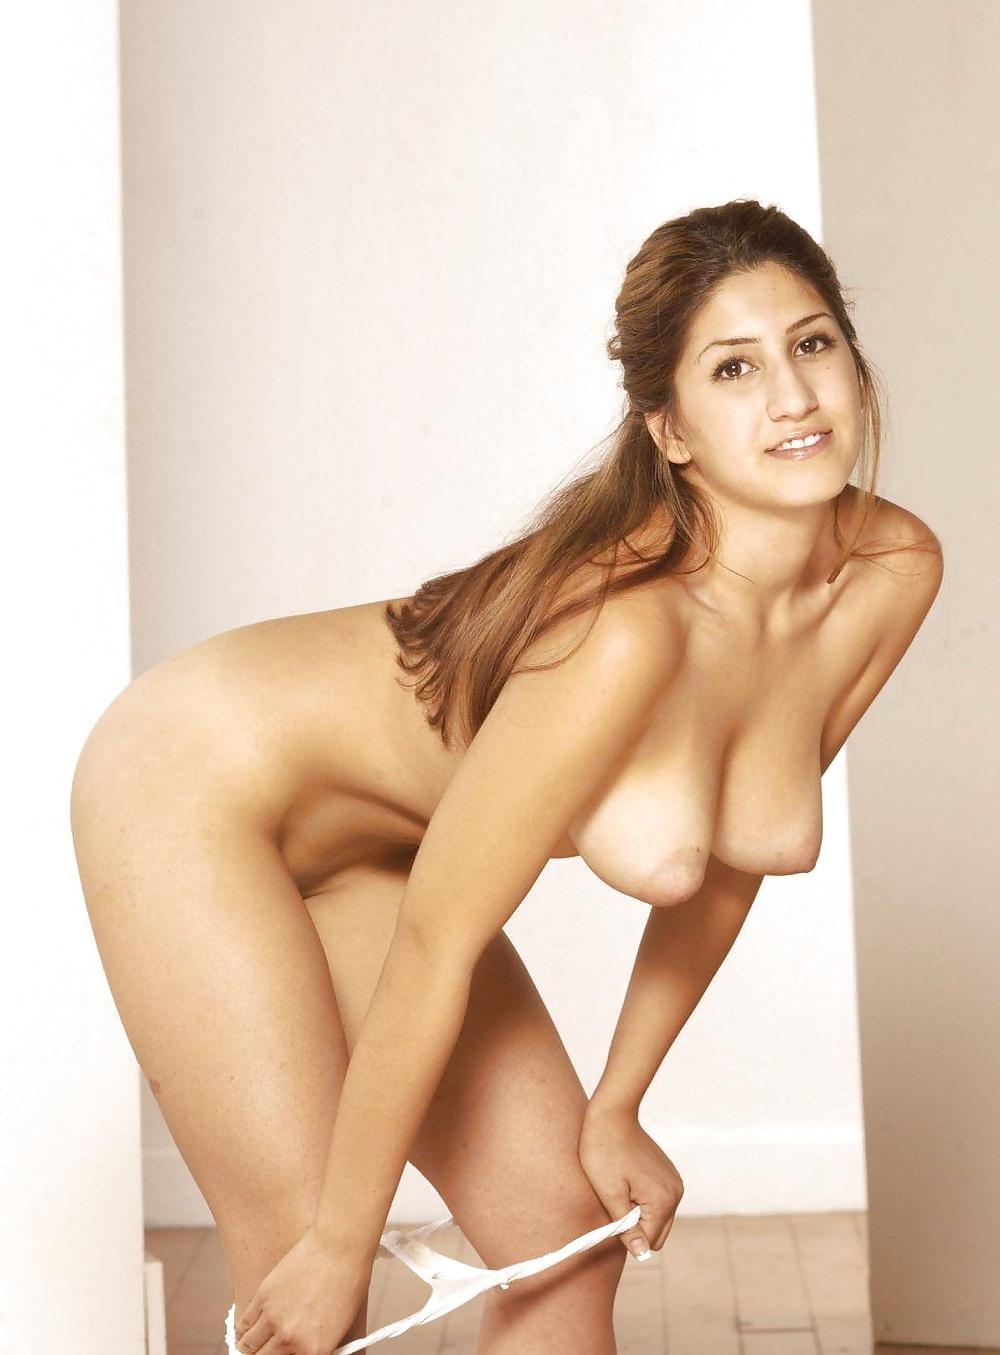 Naked Latino Women Having Sex